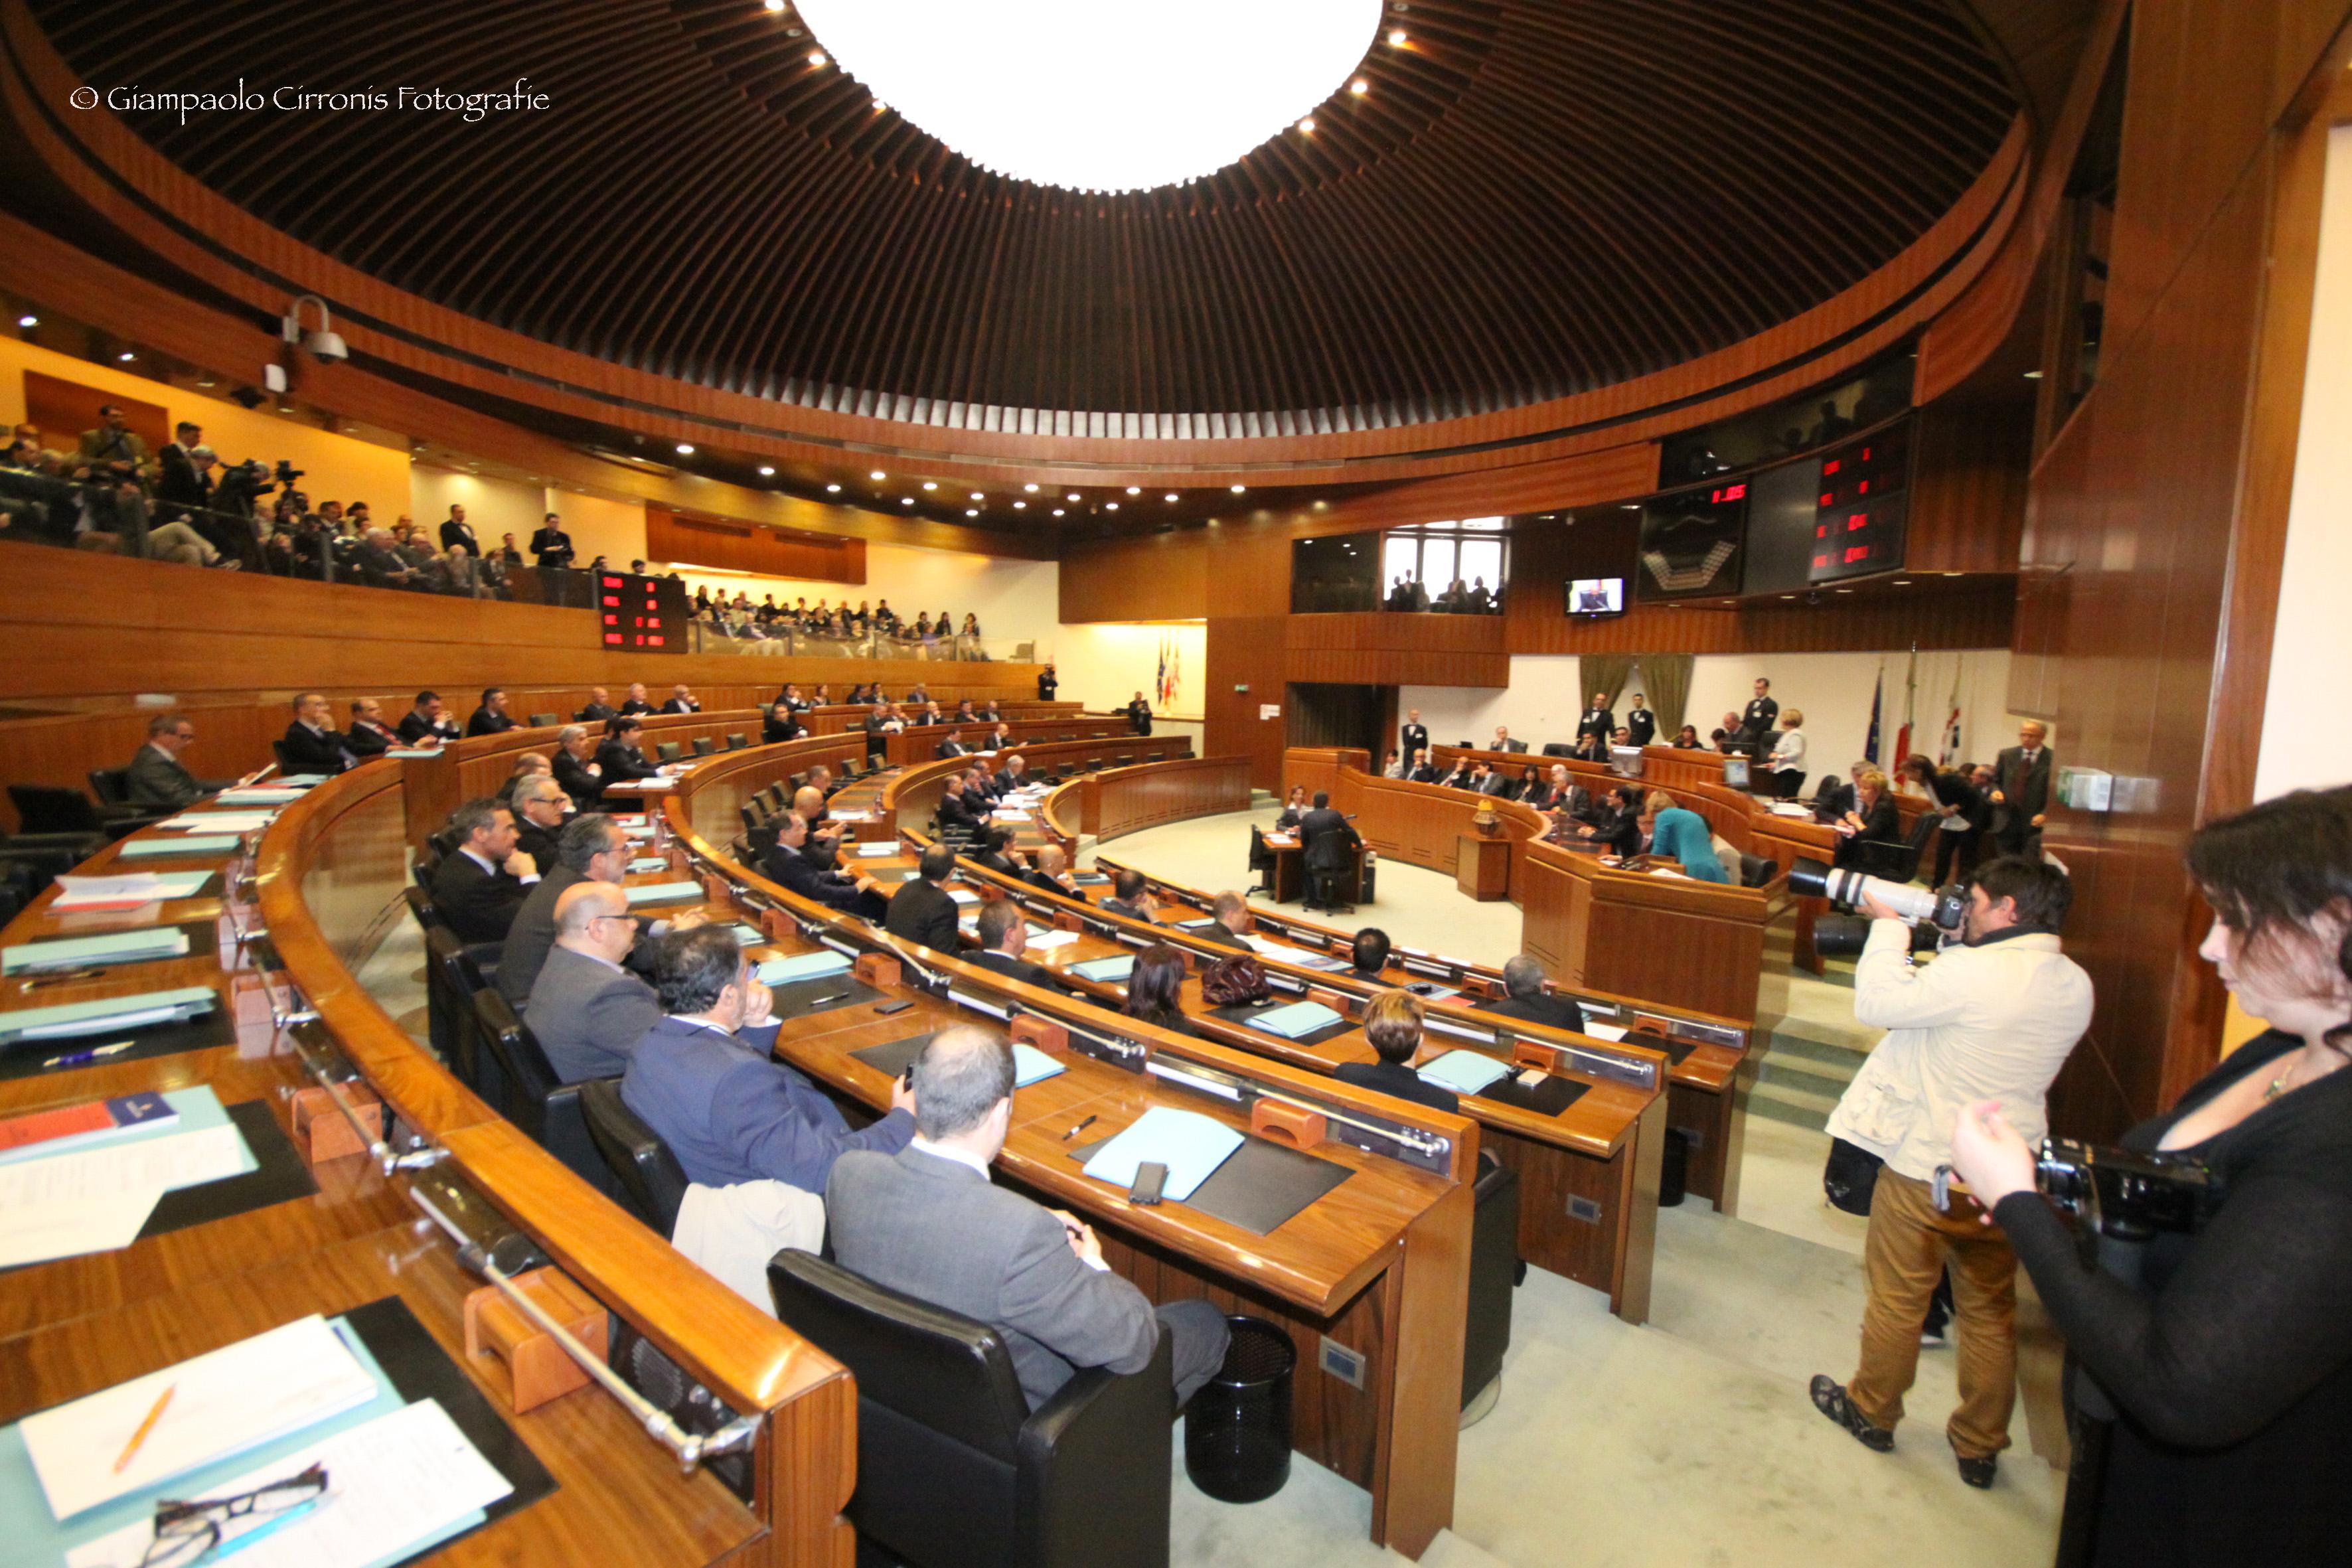 Il consiglio regionale si riunisce questo pomeriggio alle for Ordine del giorno camera dei deputati